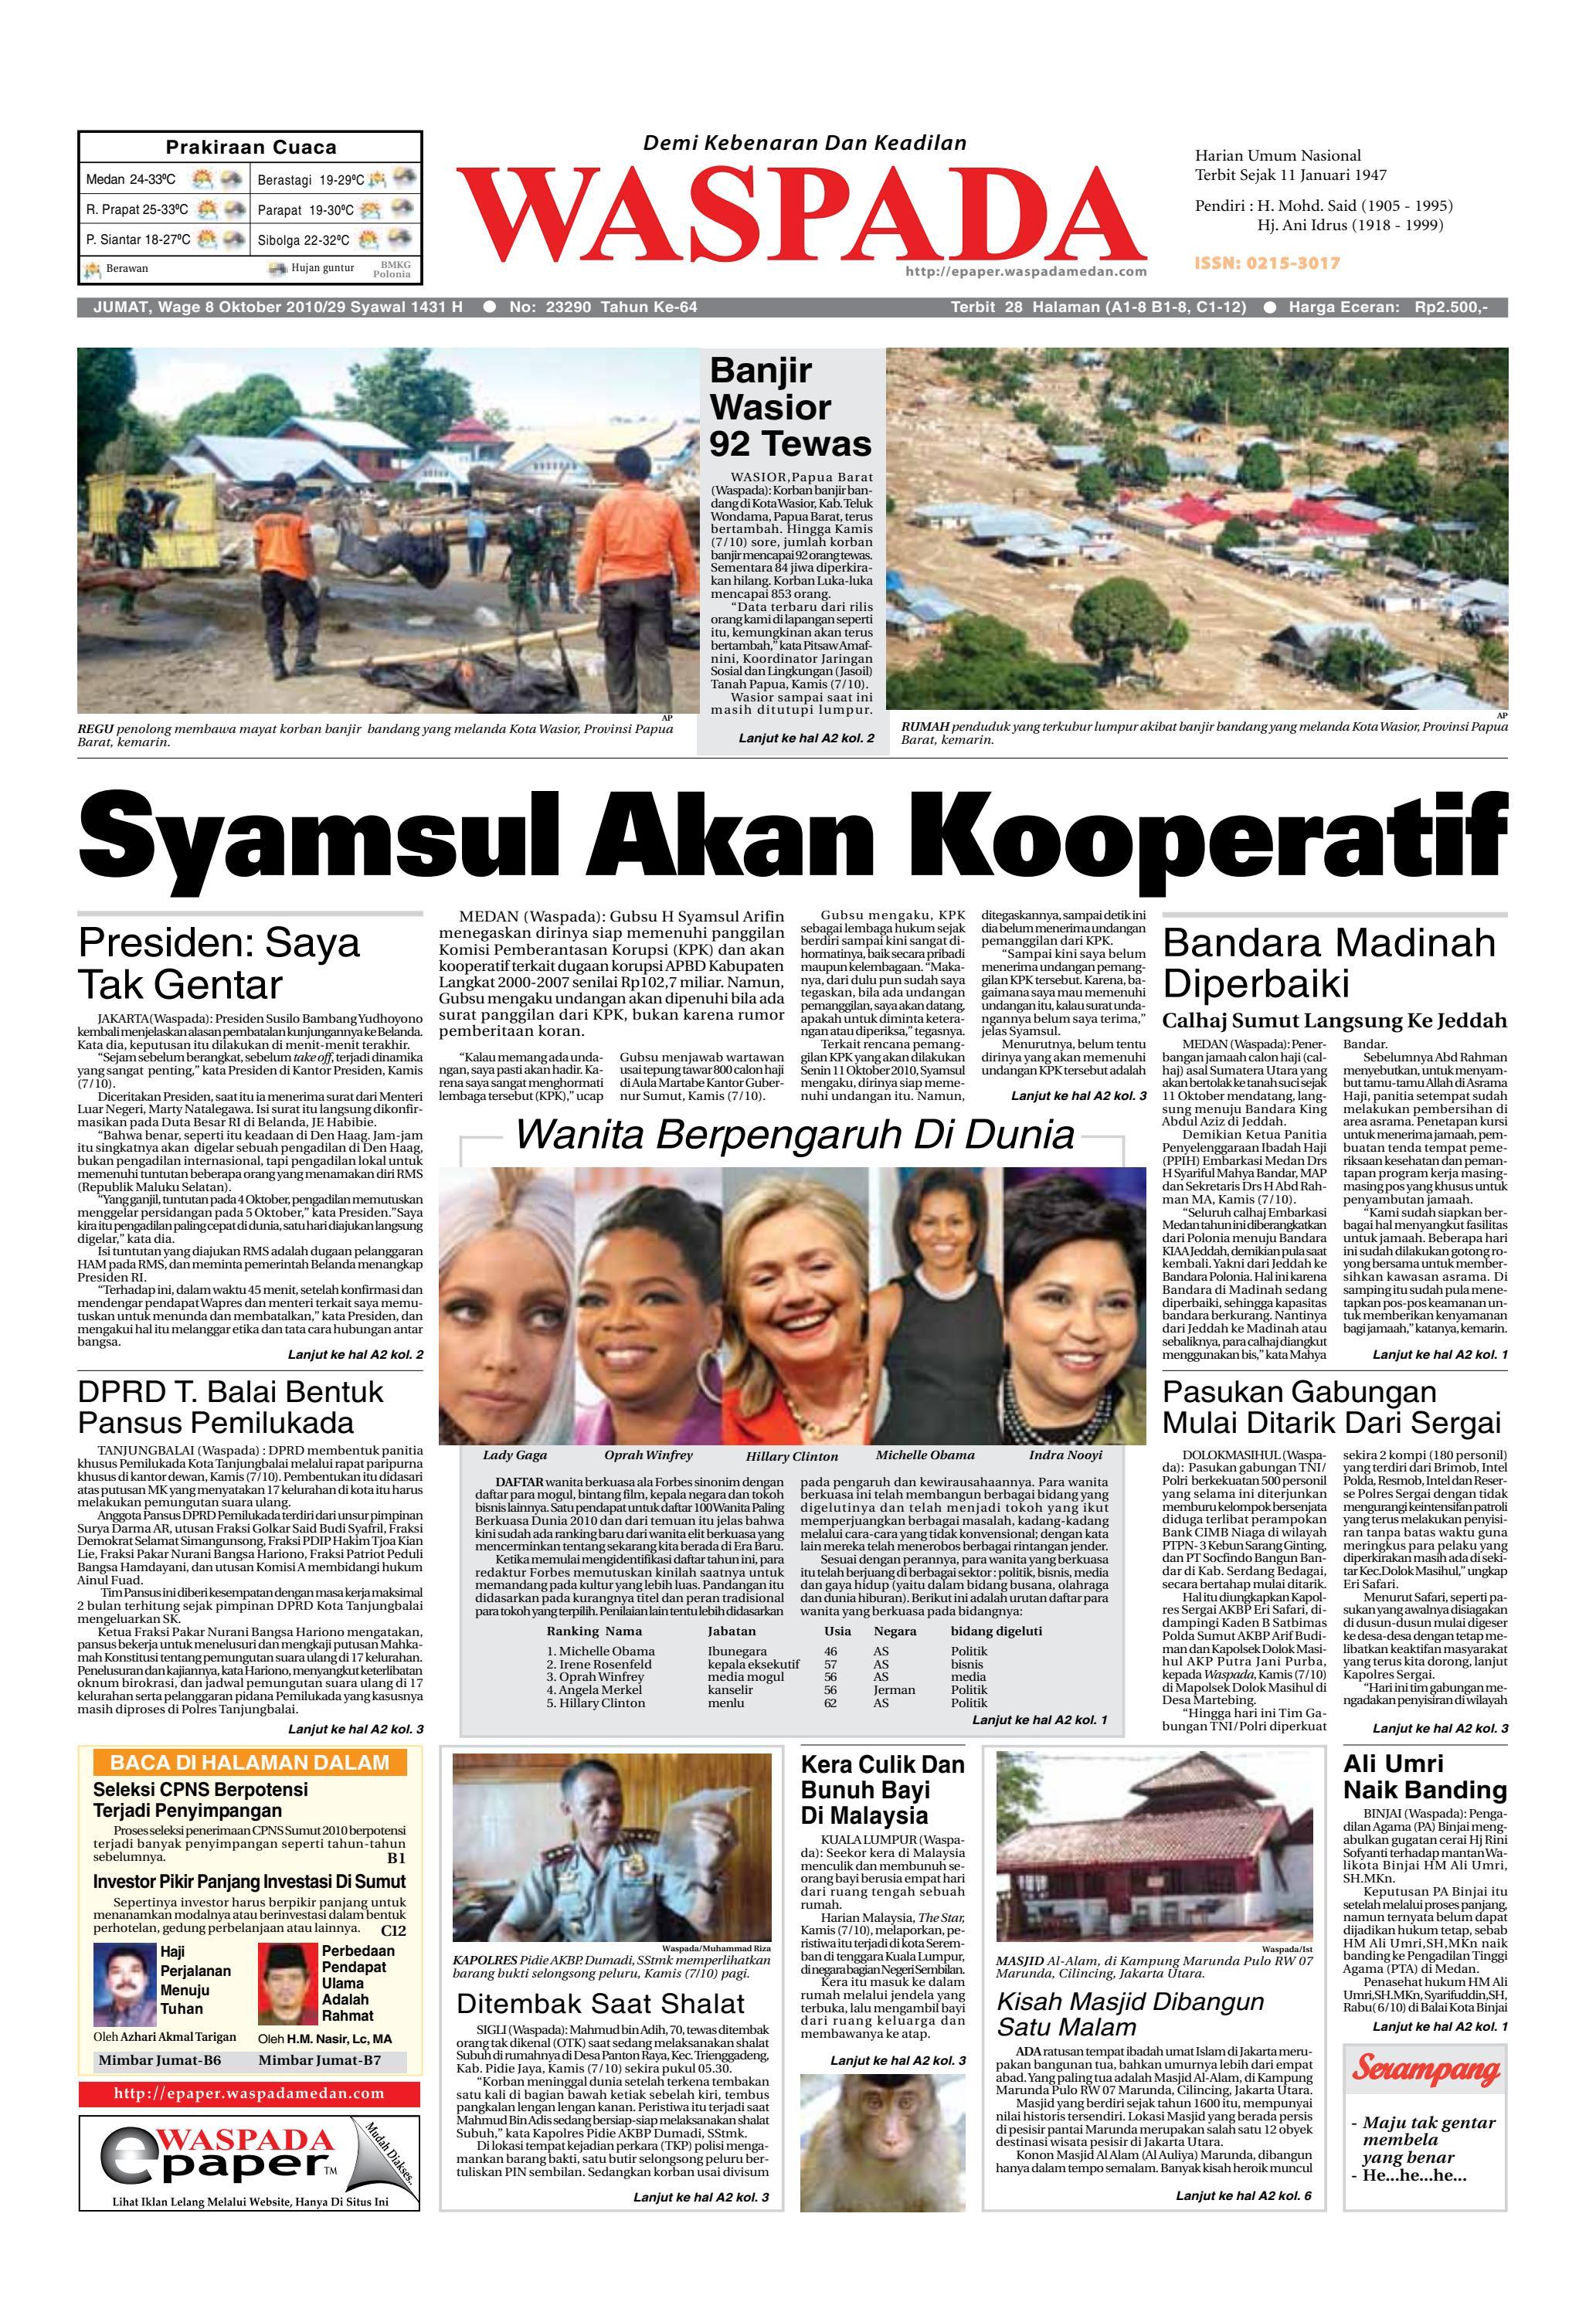 Waspada Jumat 8 Oktober 2010 By Harian Issuu Mesin Untuk Membungkus Makanan Hand Wrapping Sat Hw450starpack